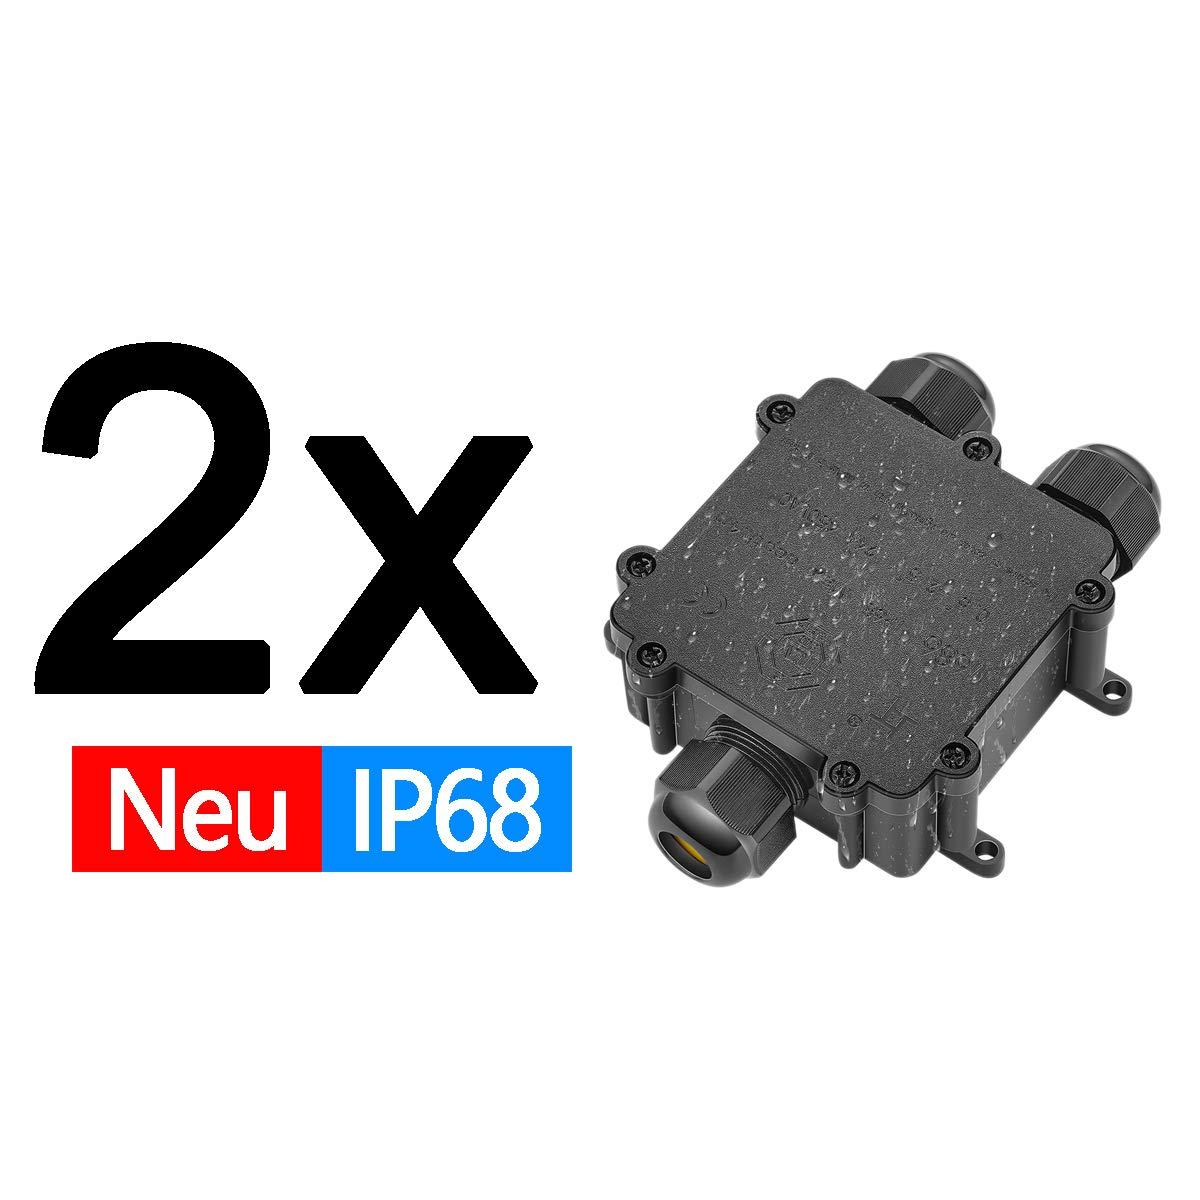 AllRight Abzweigdose IP68 3 Wege Verteilerdose Erdkabel Schwarz Elektrischer Au/ßenverteilerdose Wasserdicht Kabelmuffe /Ø 4mm-14mm